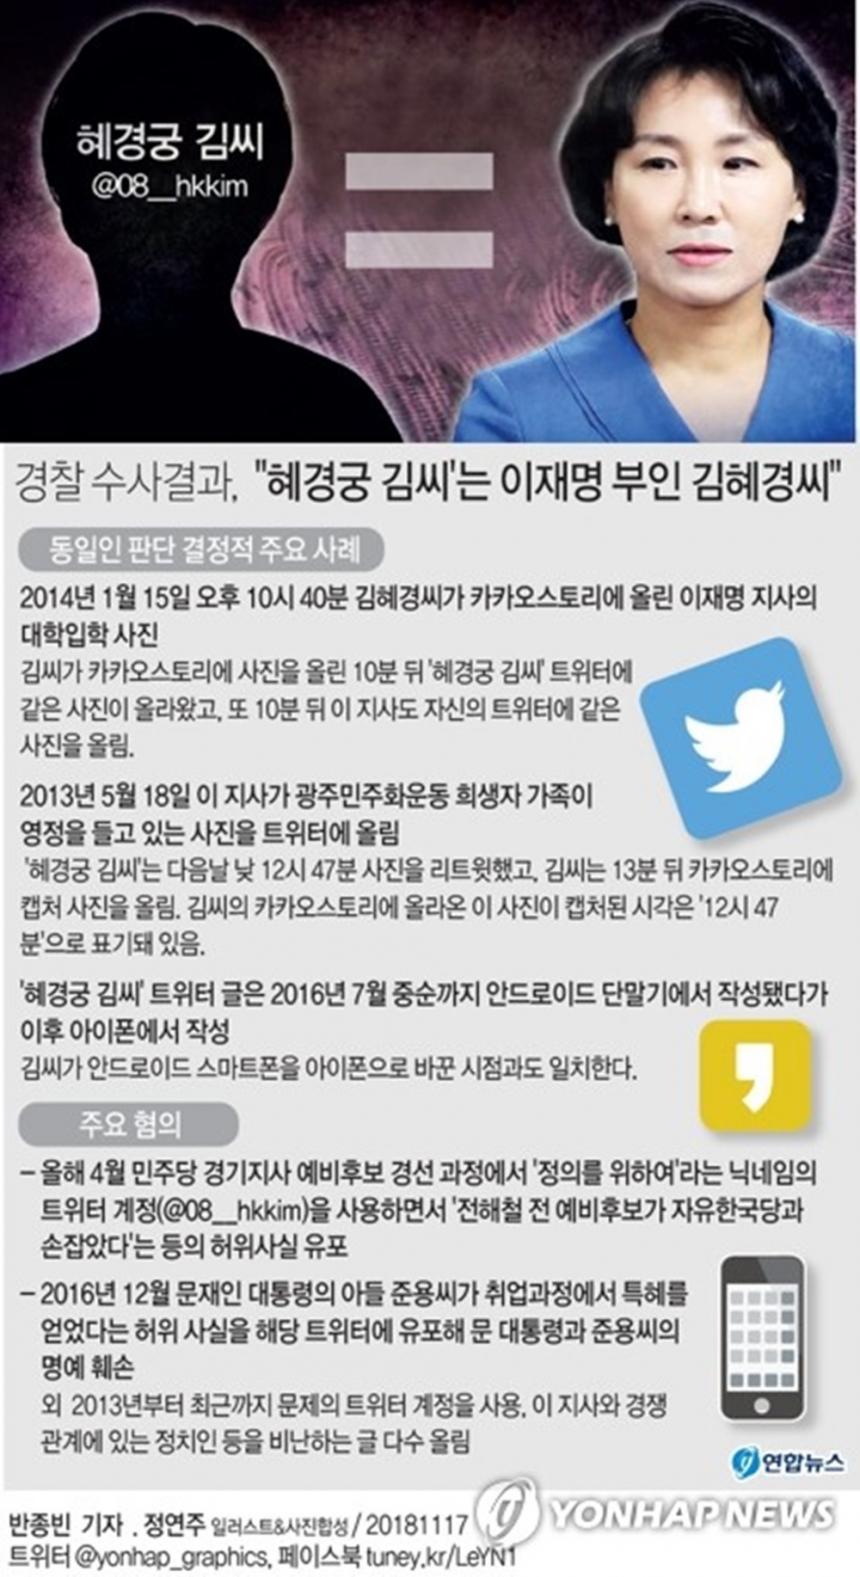 혜경궁 김씨 사건 정리